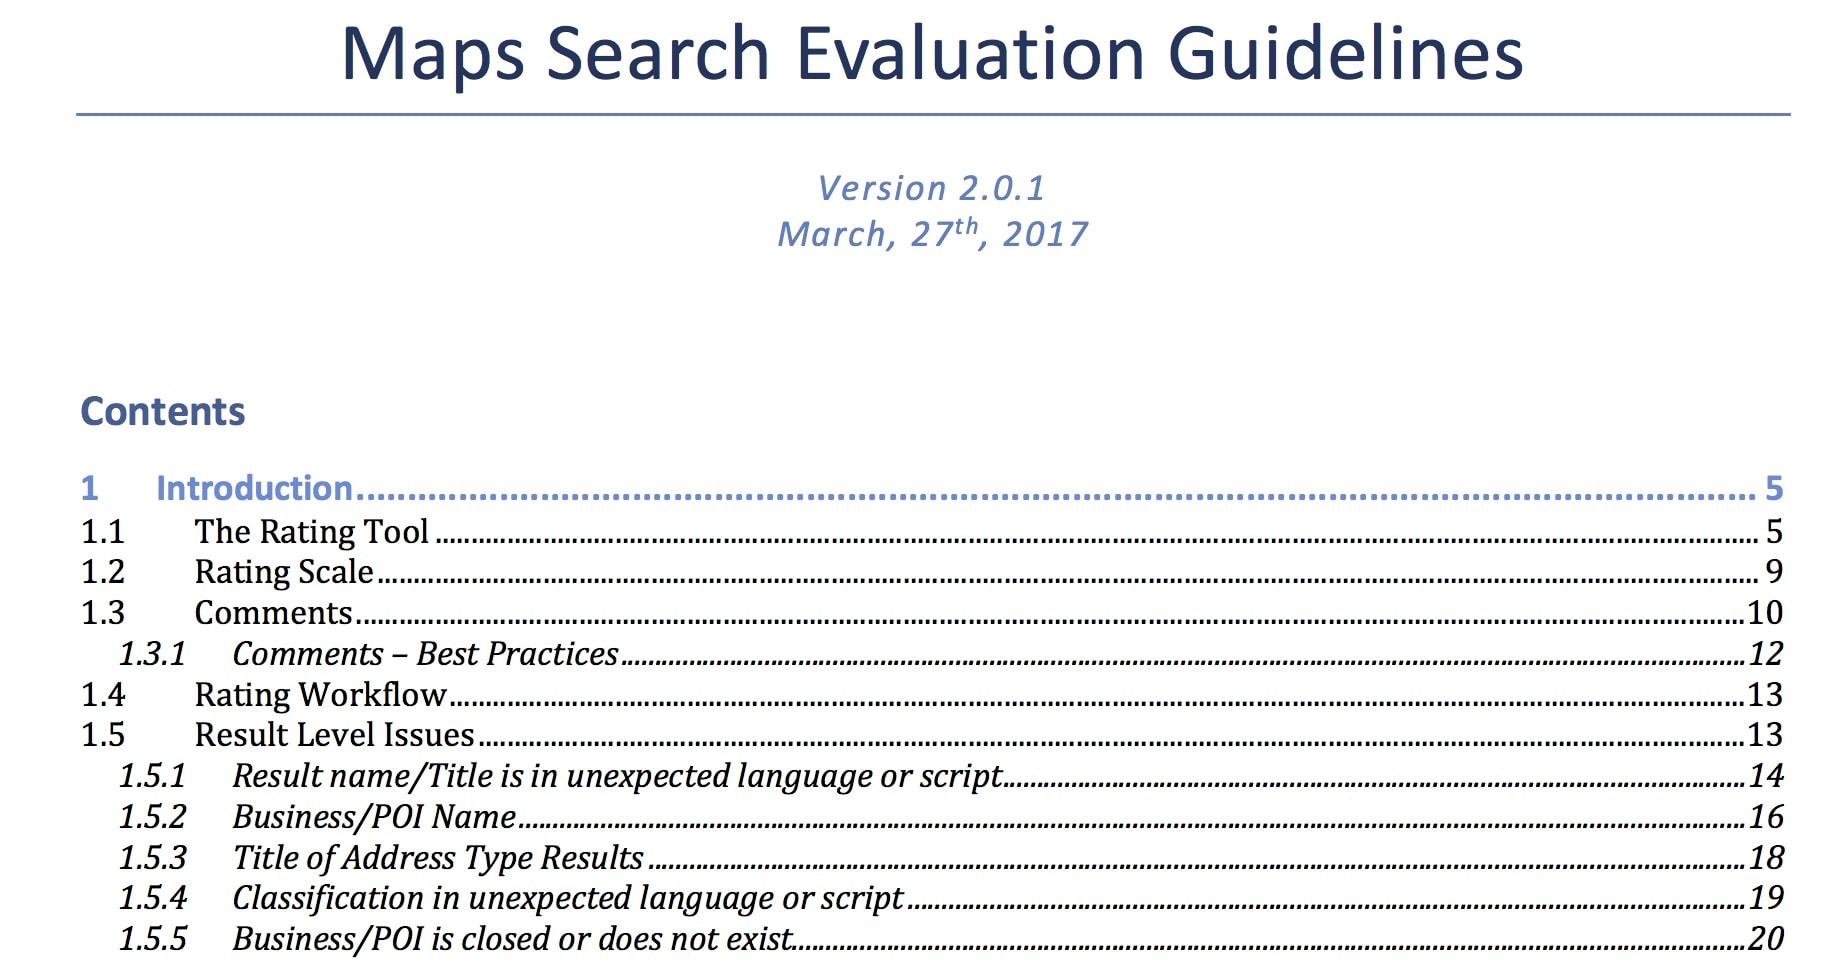 guideline.jpg